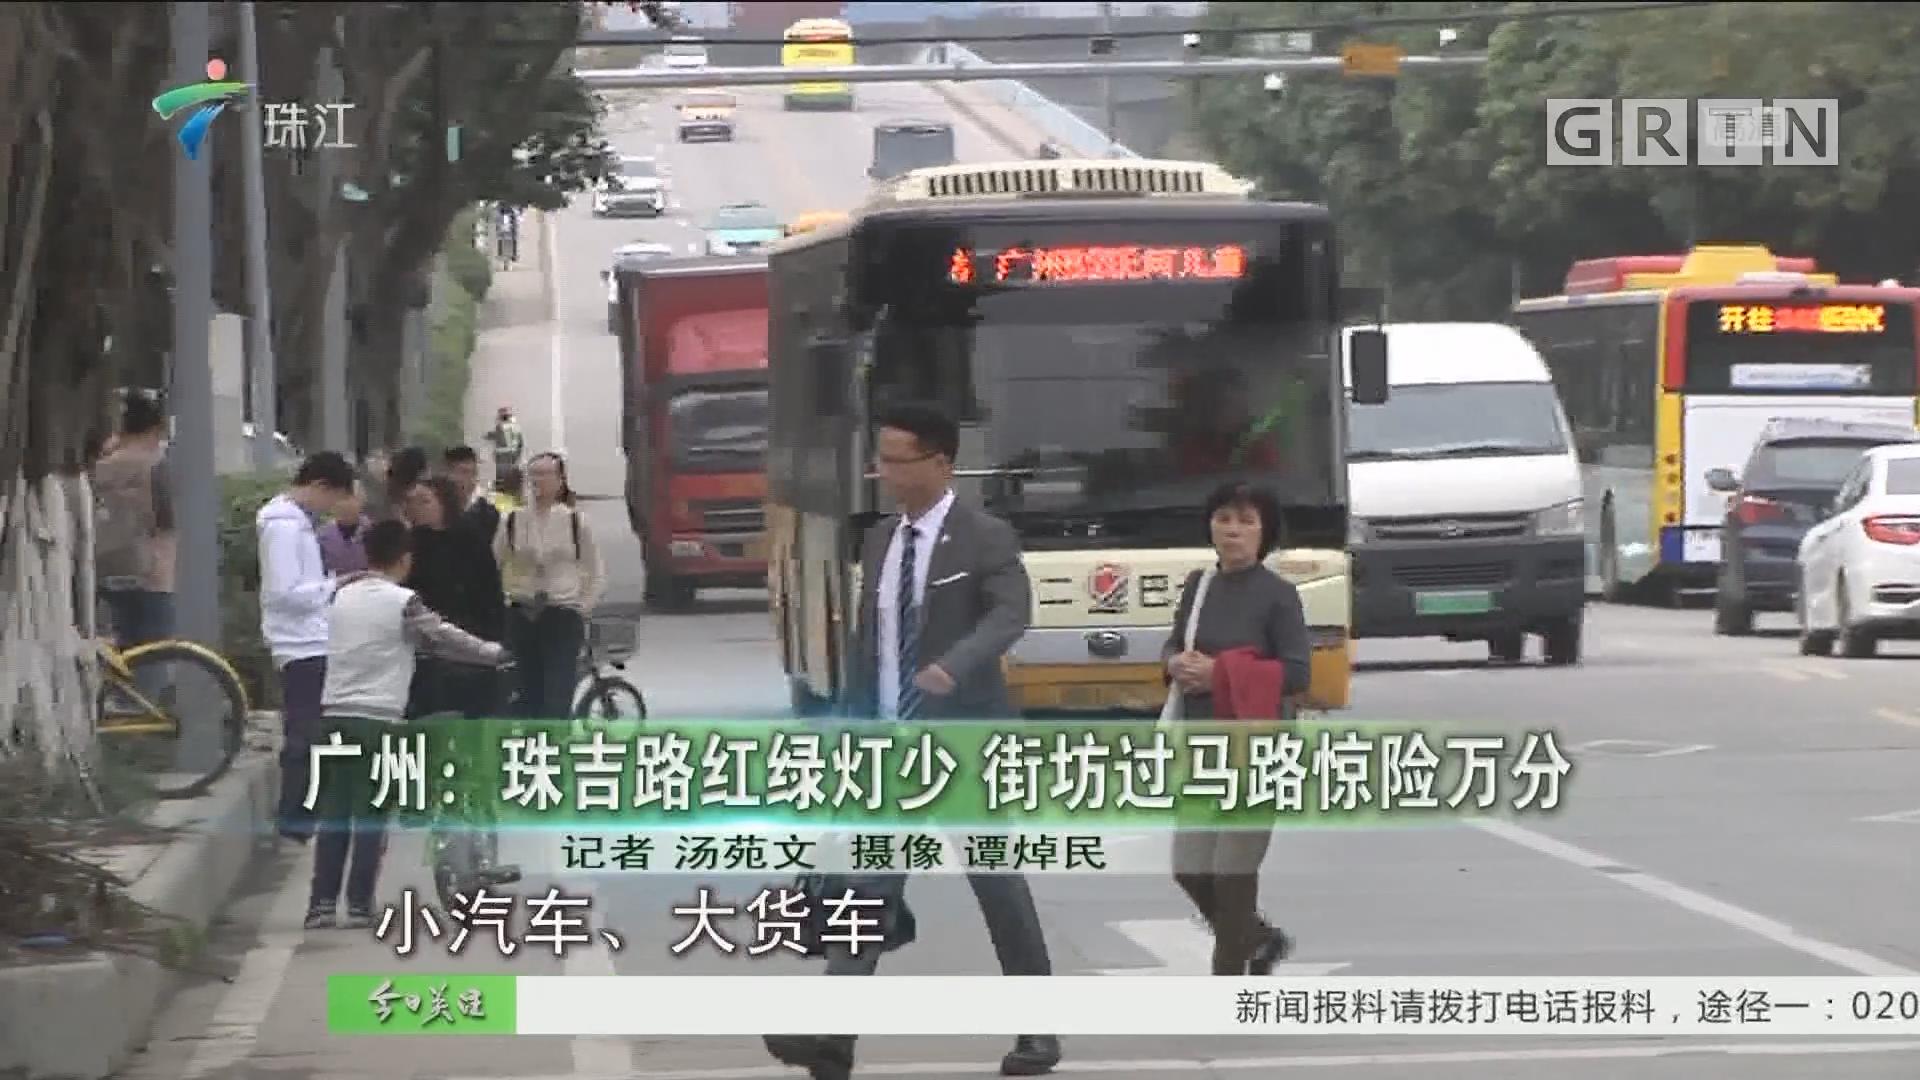 广州:珠吉路红绿灯少 街坊过马路惊险万分